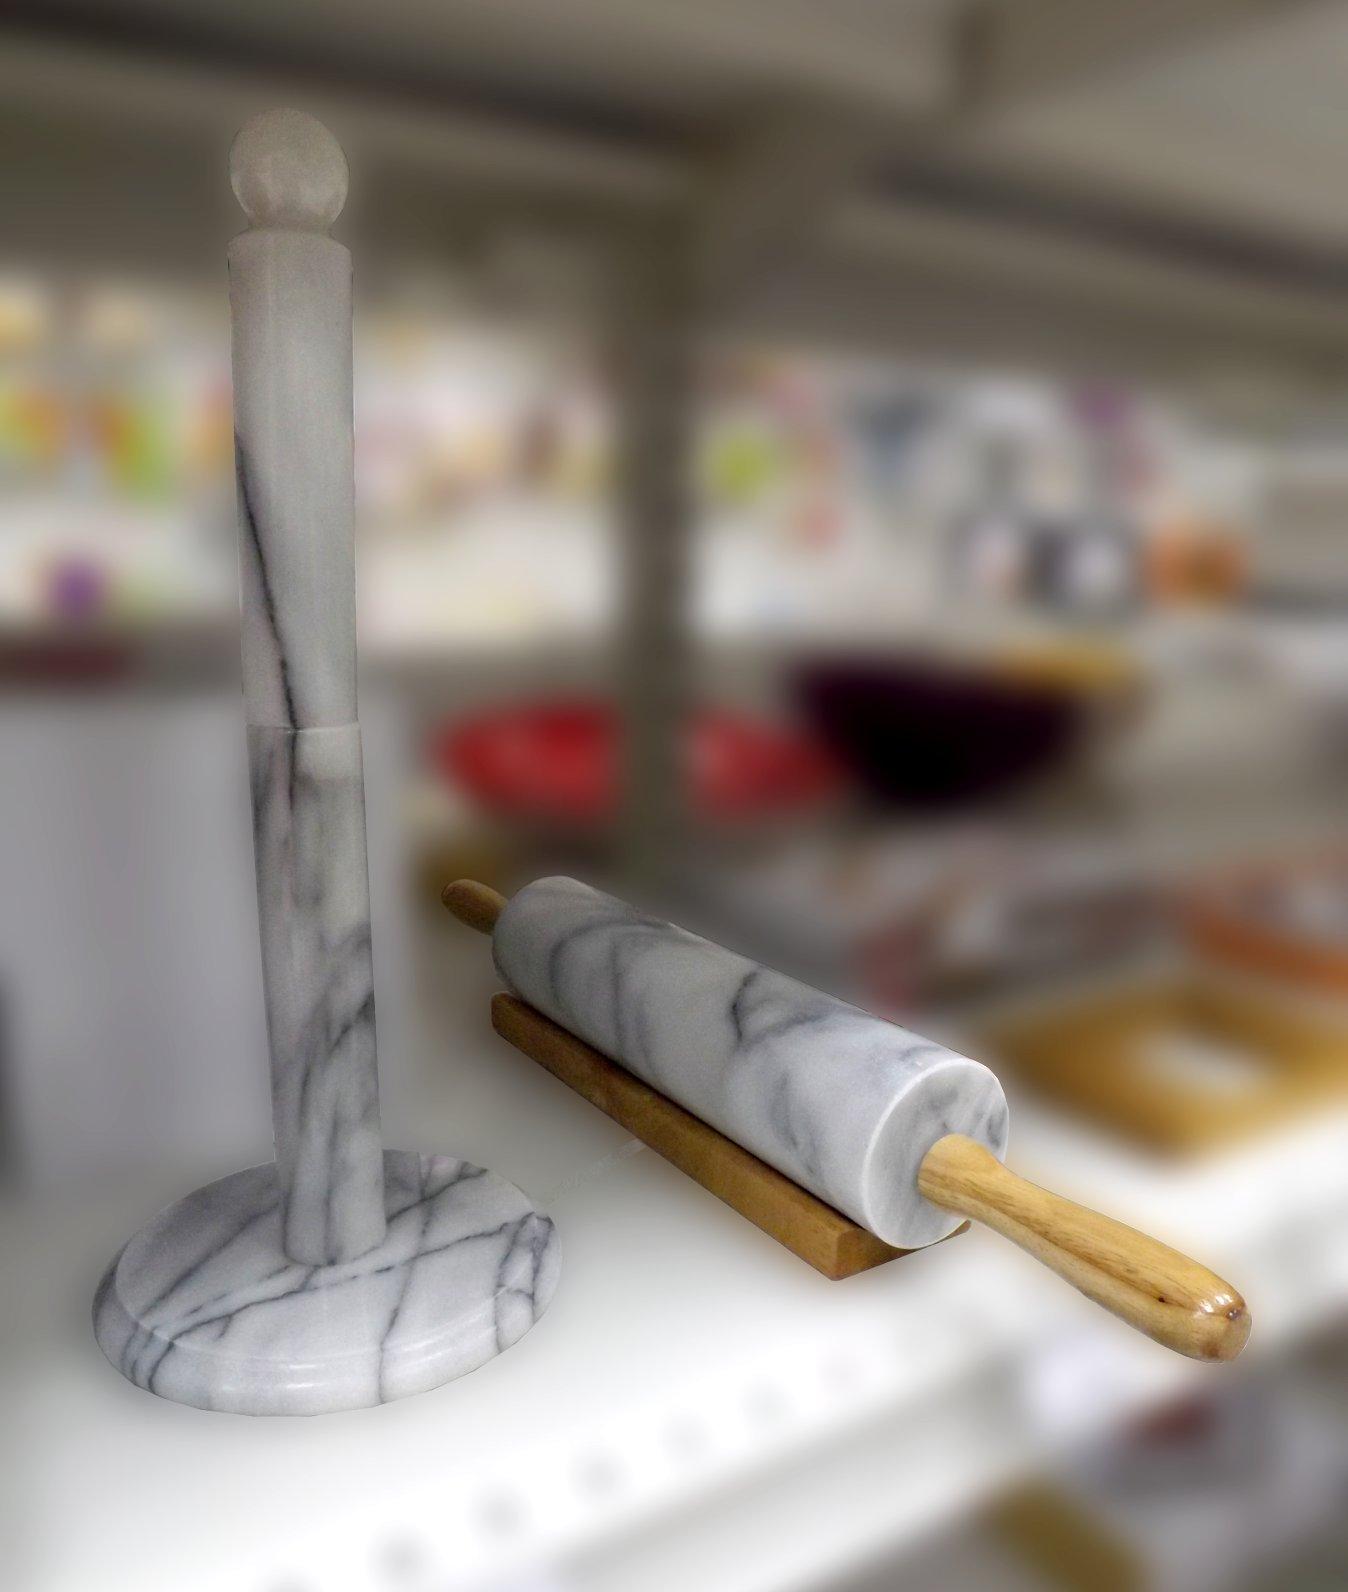 Мраморные держатель для полотенец и скалка от Premier Housewares из ассортимента магазина Посуда40.рф